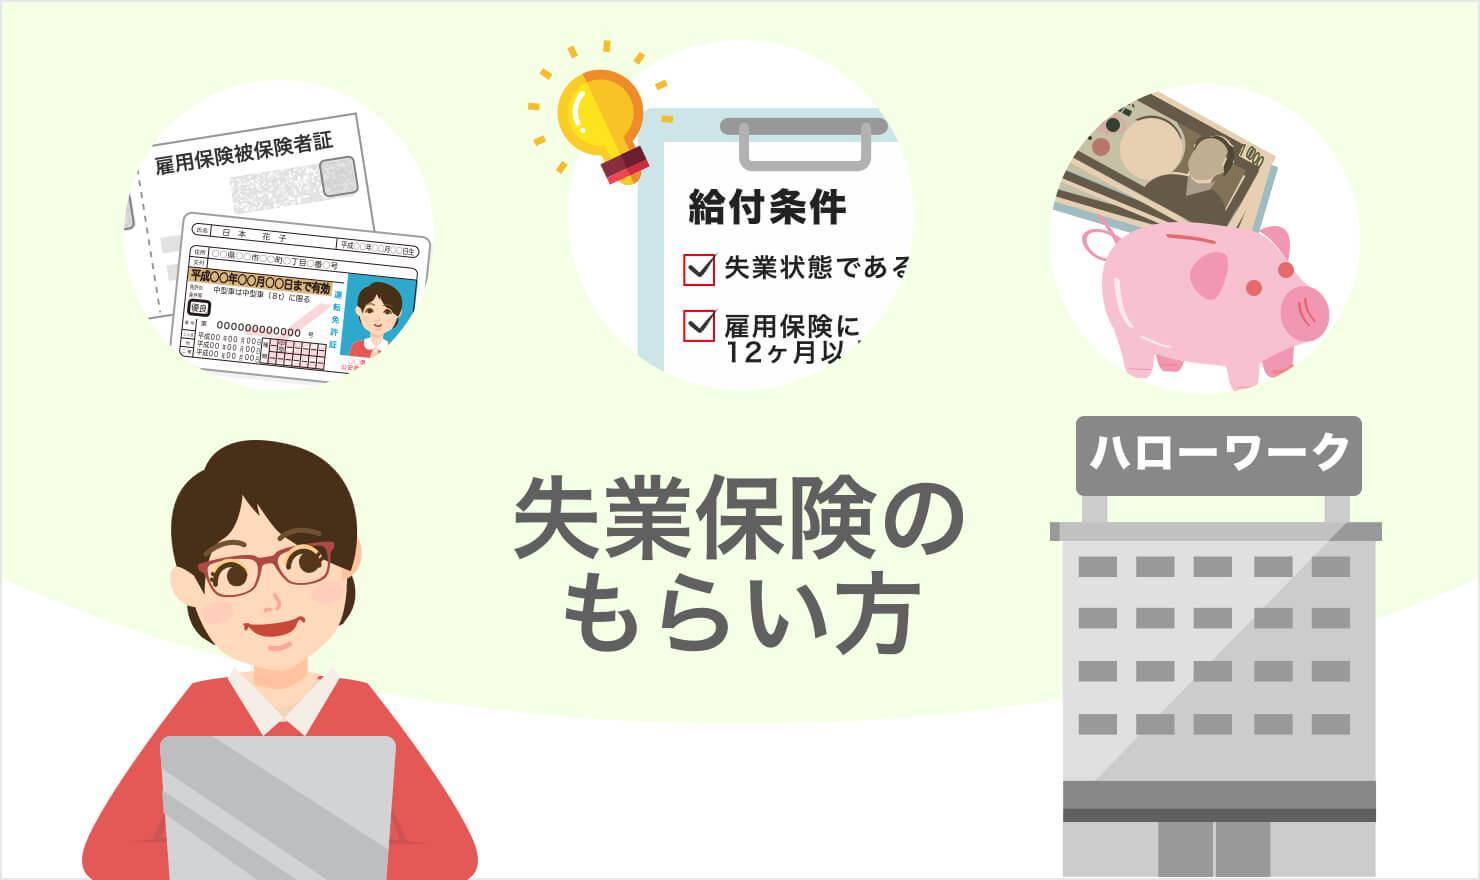 失業保険を徹底解説!転職時に役立つ知識を紹介【社労士監修】 | JOBSHIL